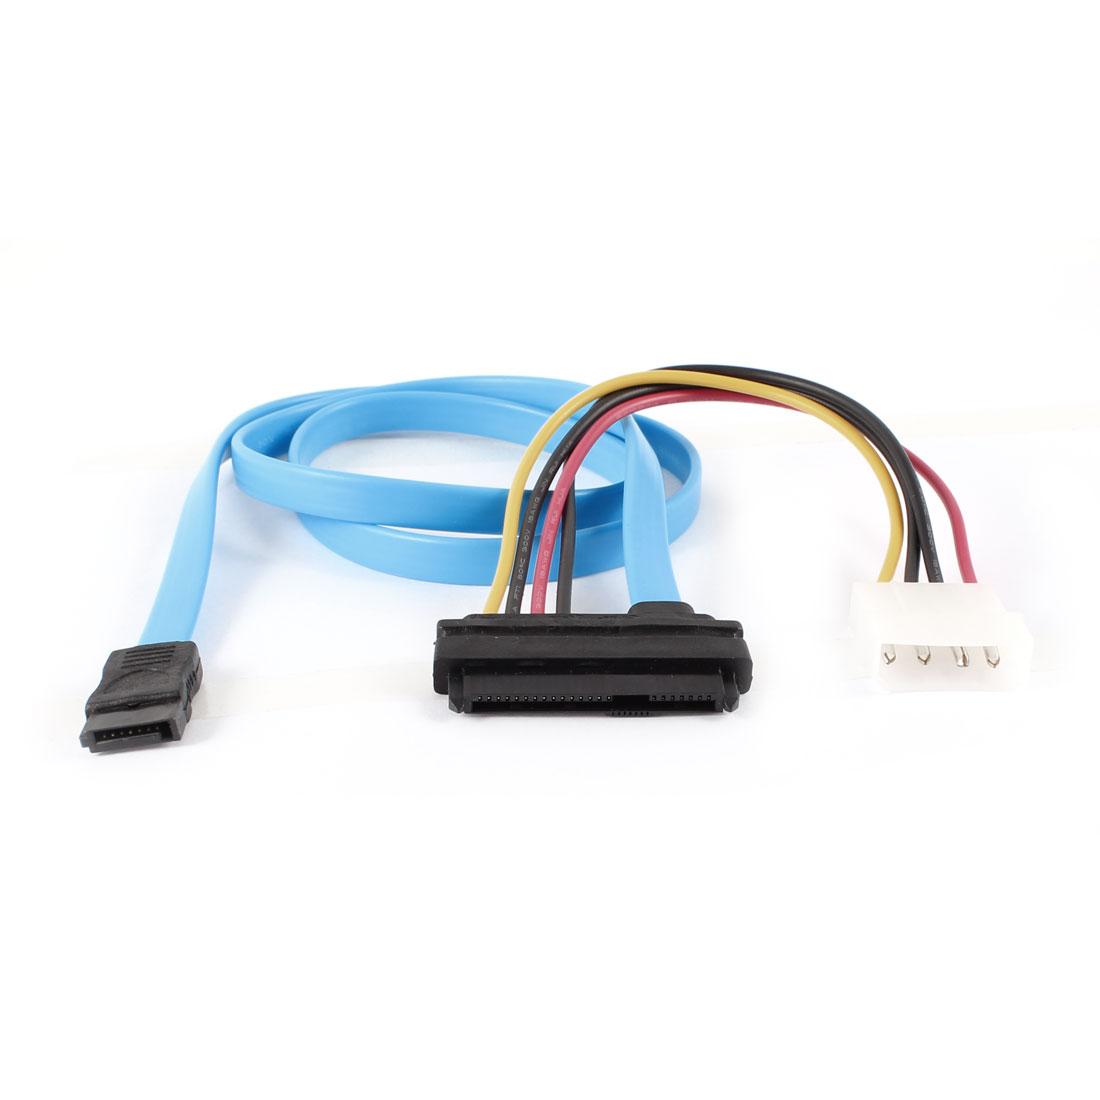 SATA7+15p to 7 Pin SATA Data 4 Pin Power Cable 70cm Long Blue